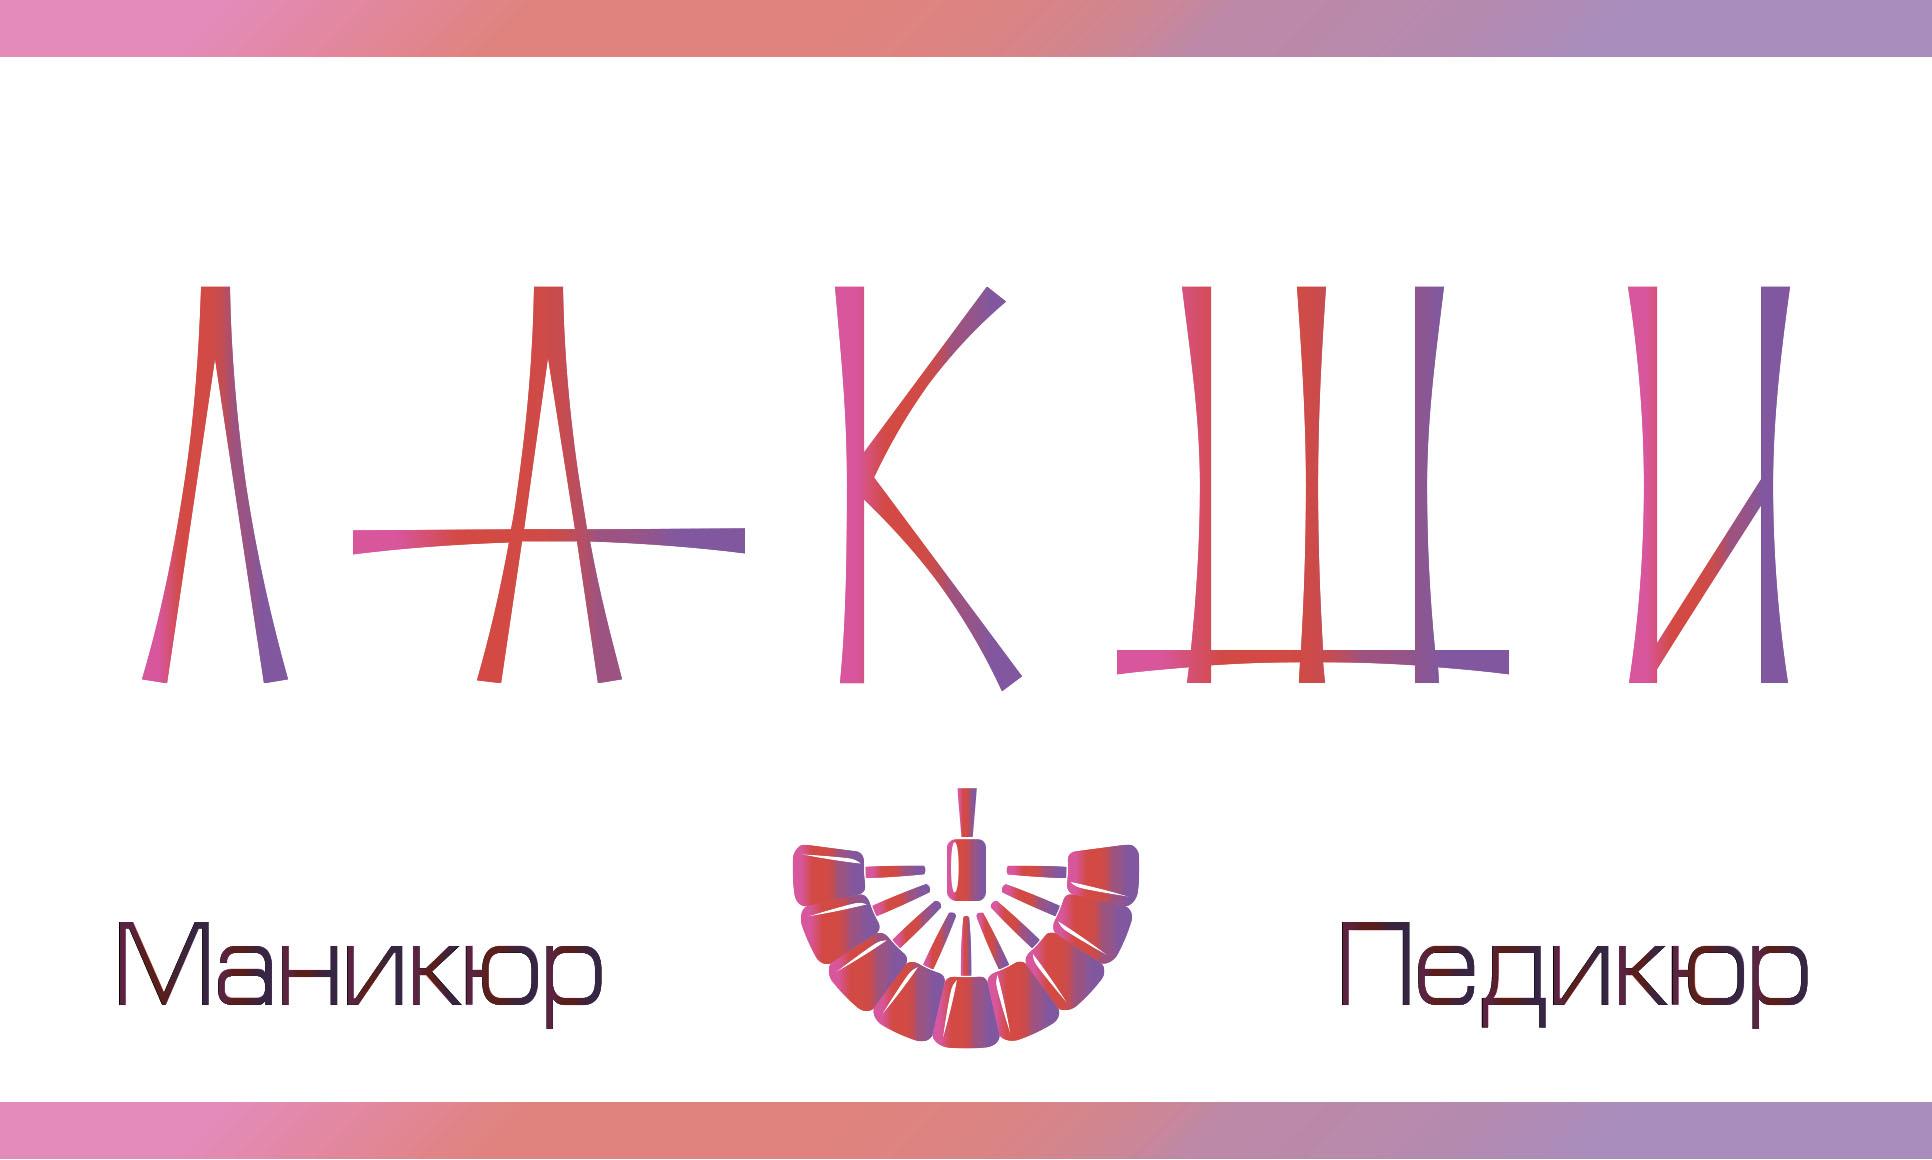 Разработка логотипа фирменного стиля фото f_4495c744ce8a1567.jpg